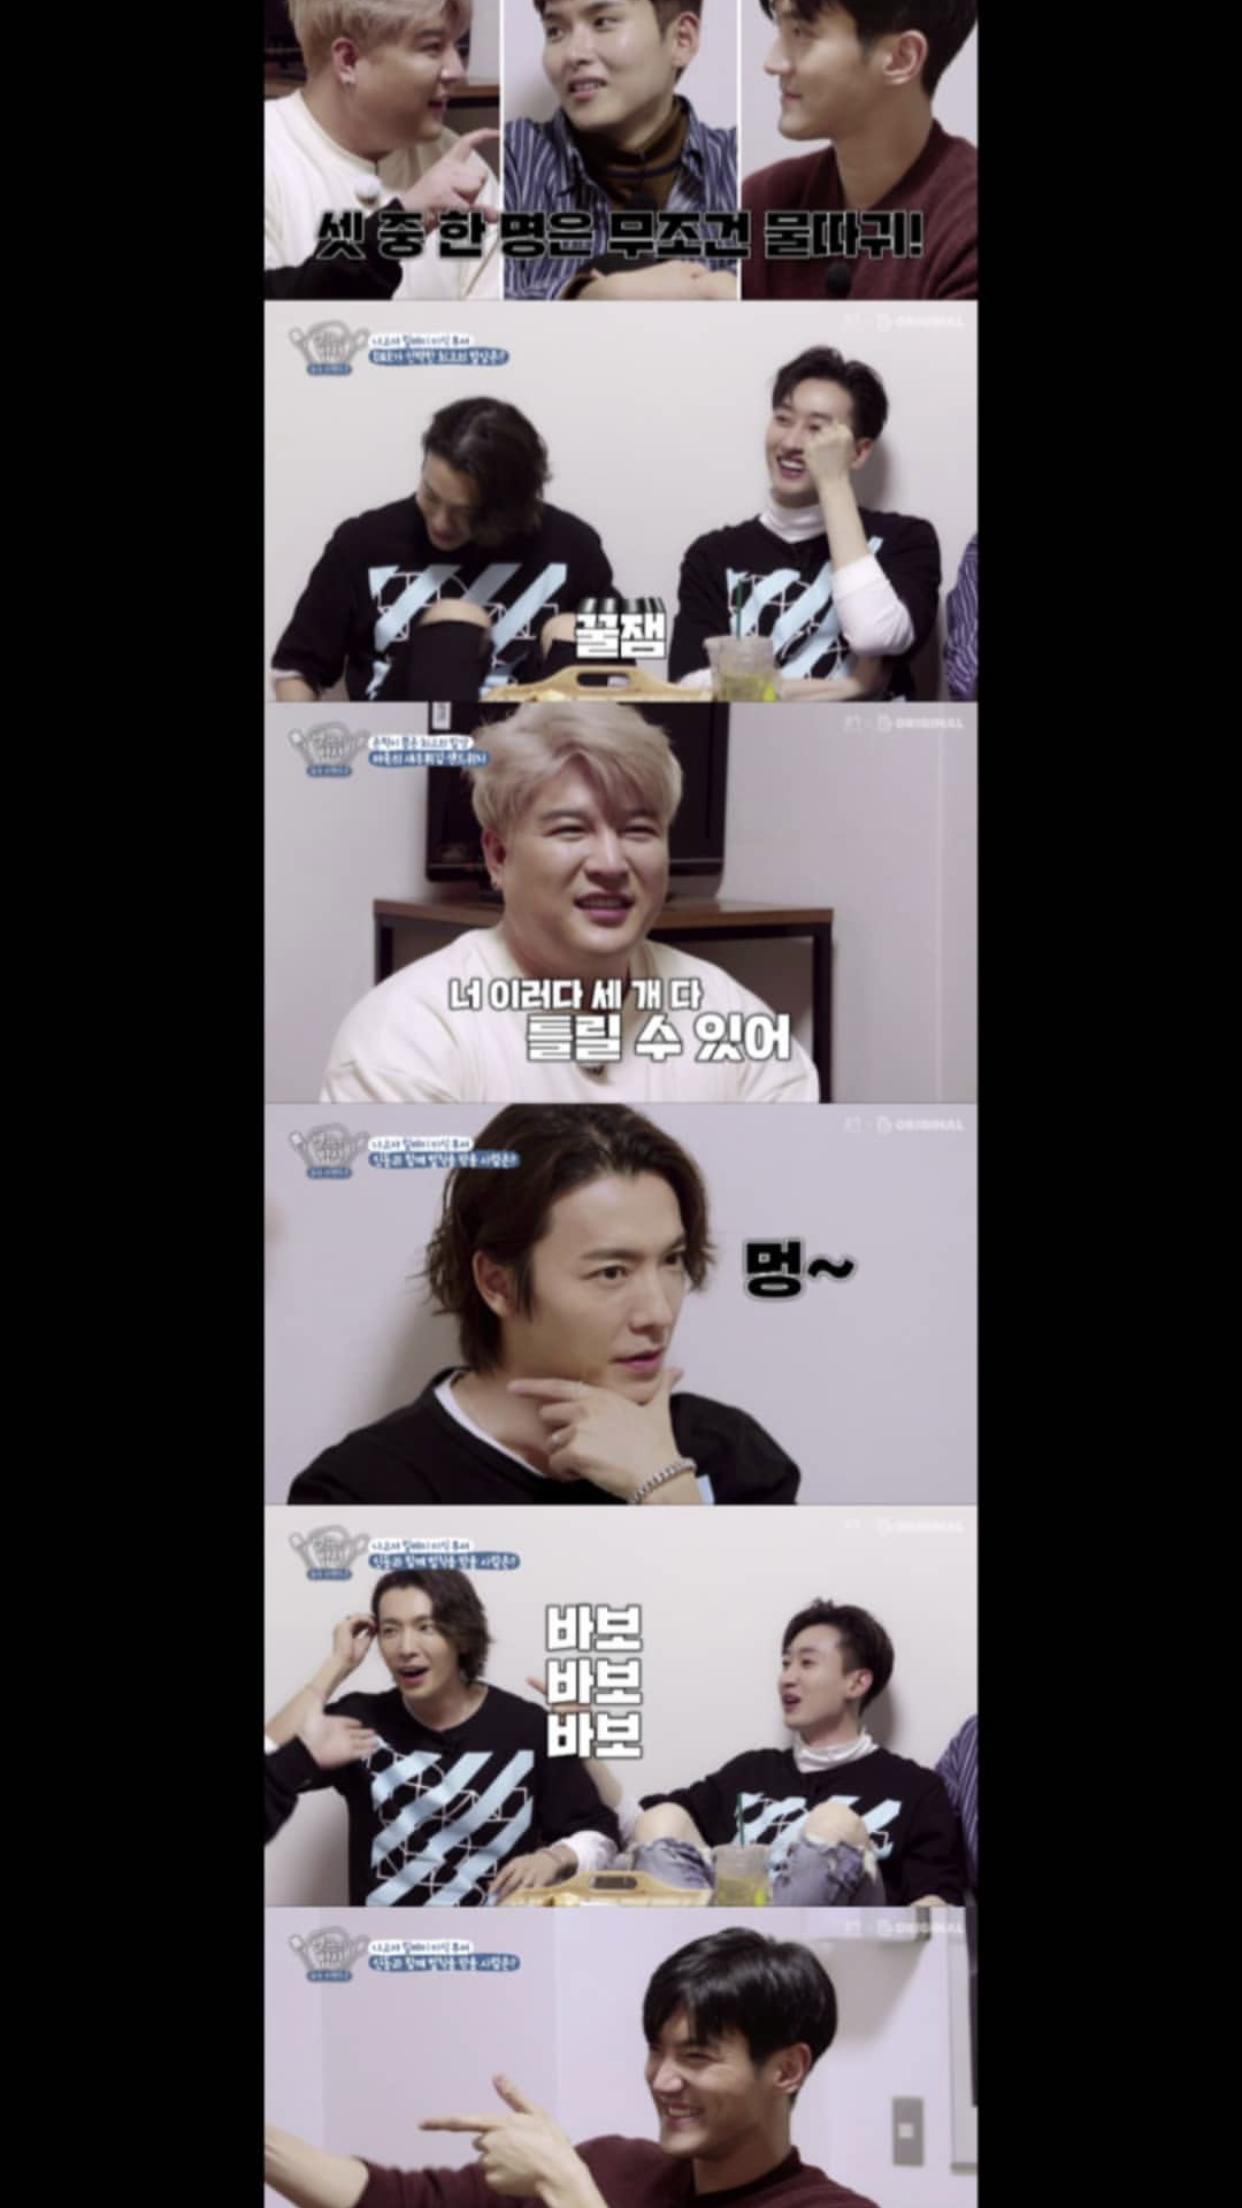 Epingle Par Sinthia Gunawan Sur Super Junior 슈퍼주니어